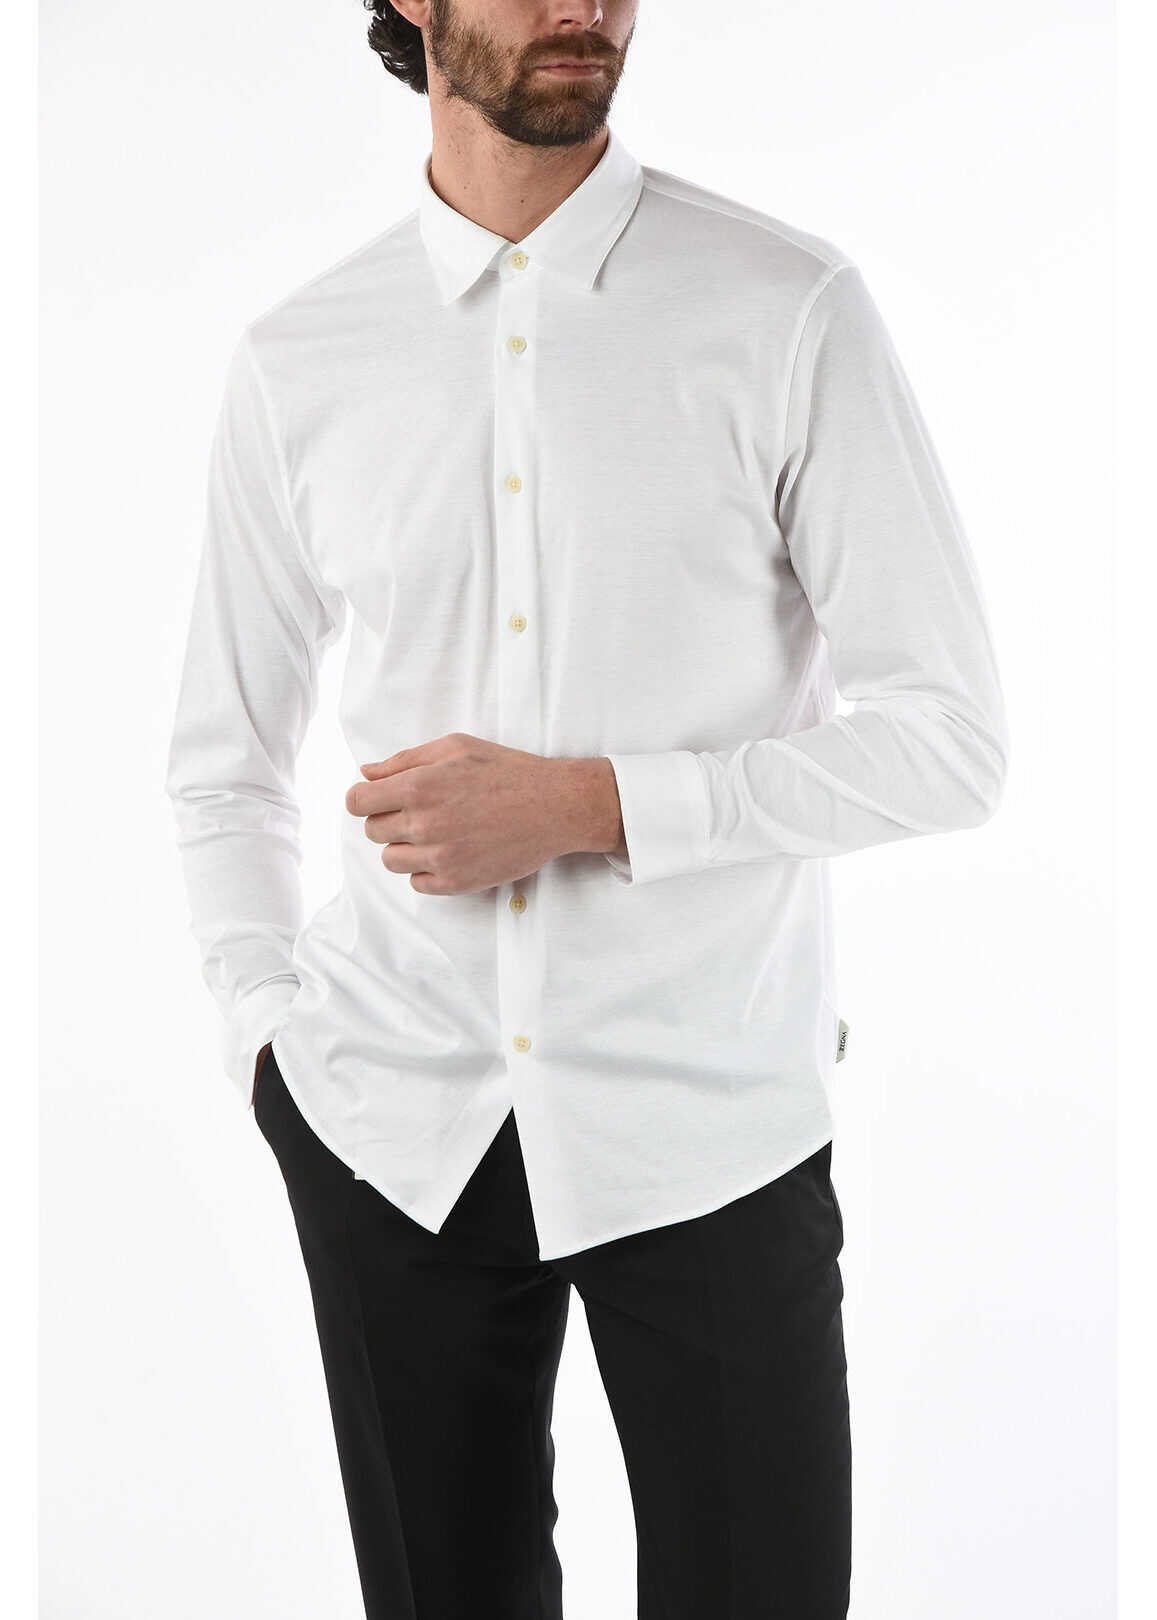 Ermenegildo Zegna ZZEGNA Spread Collar Shirt WHITE imagine